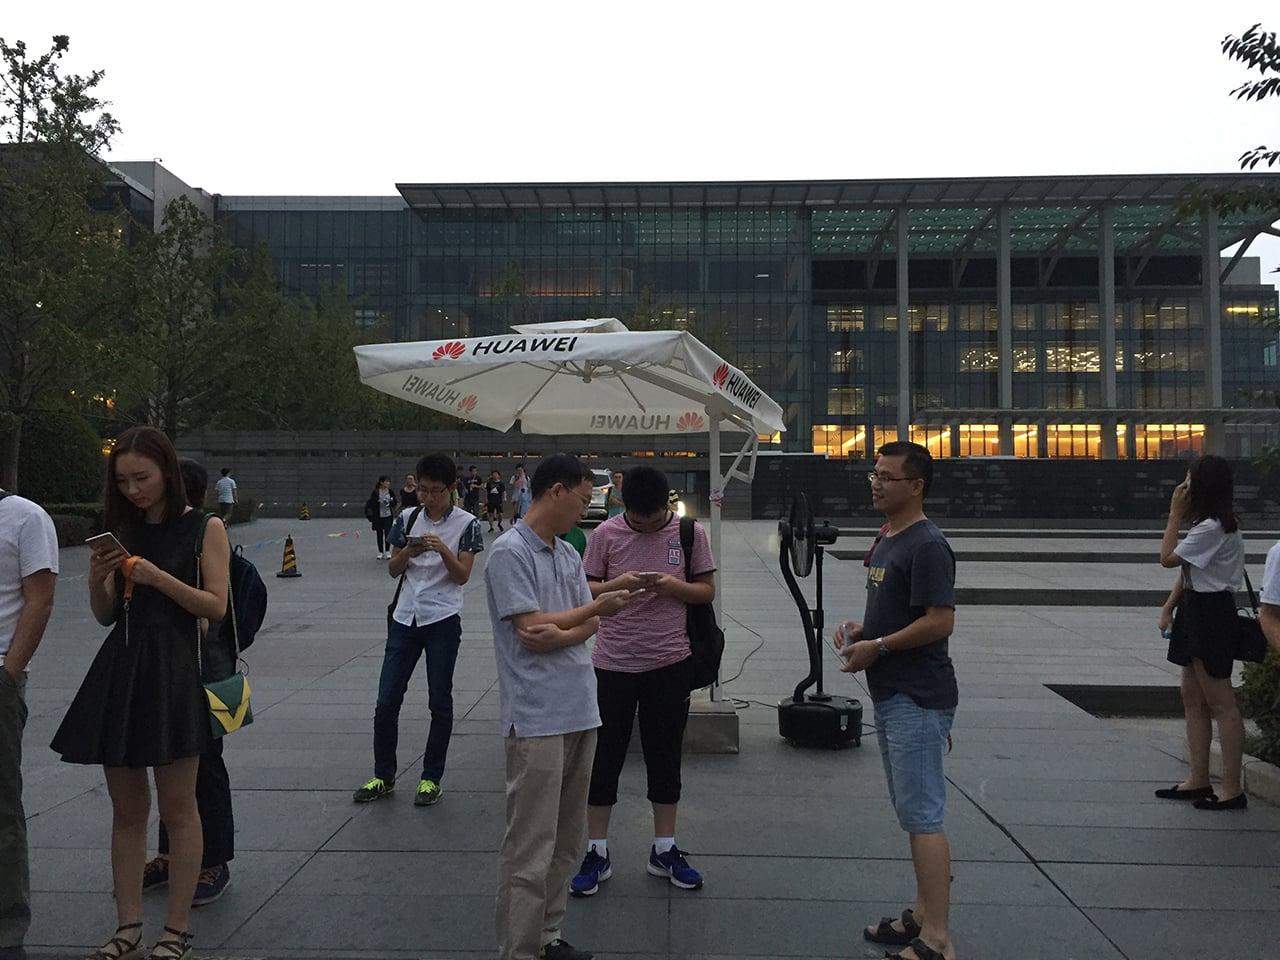 Výzkumné a vývojové centrum Huawei v Šanghaji